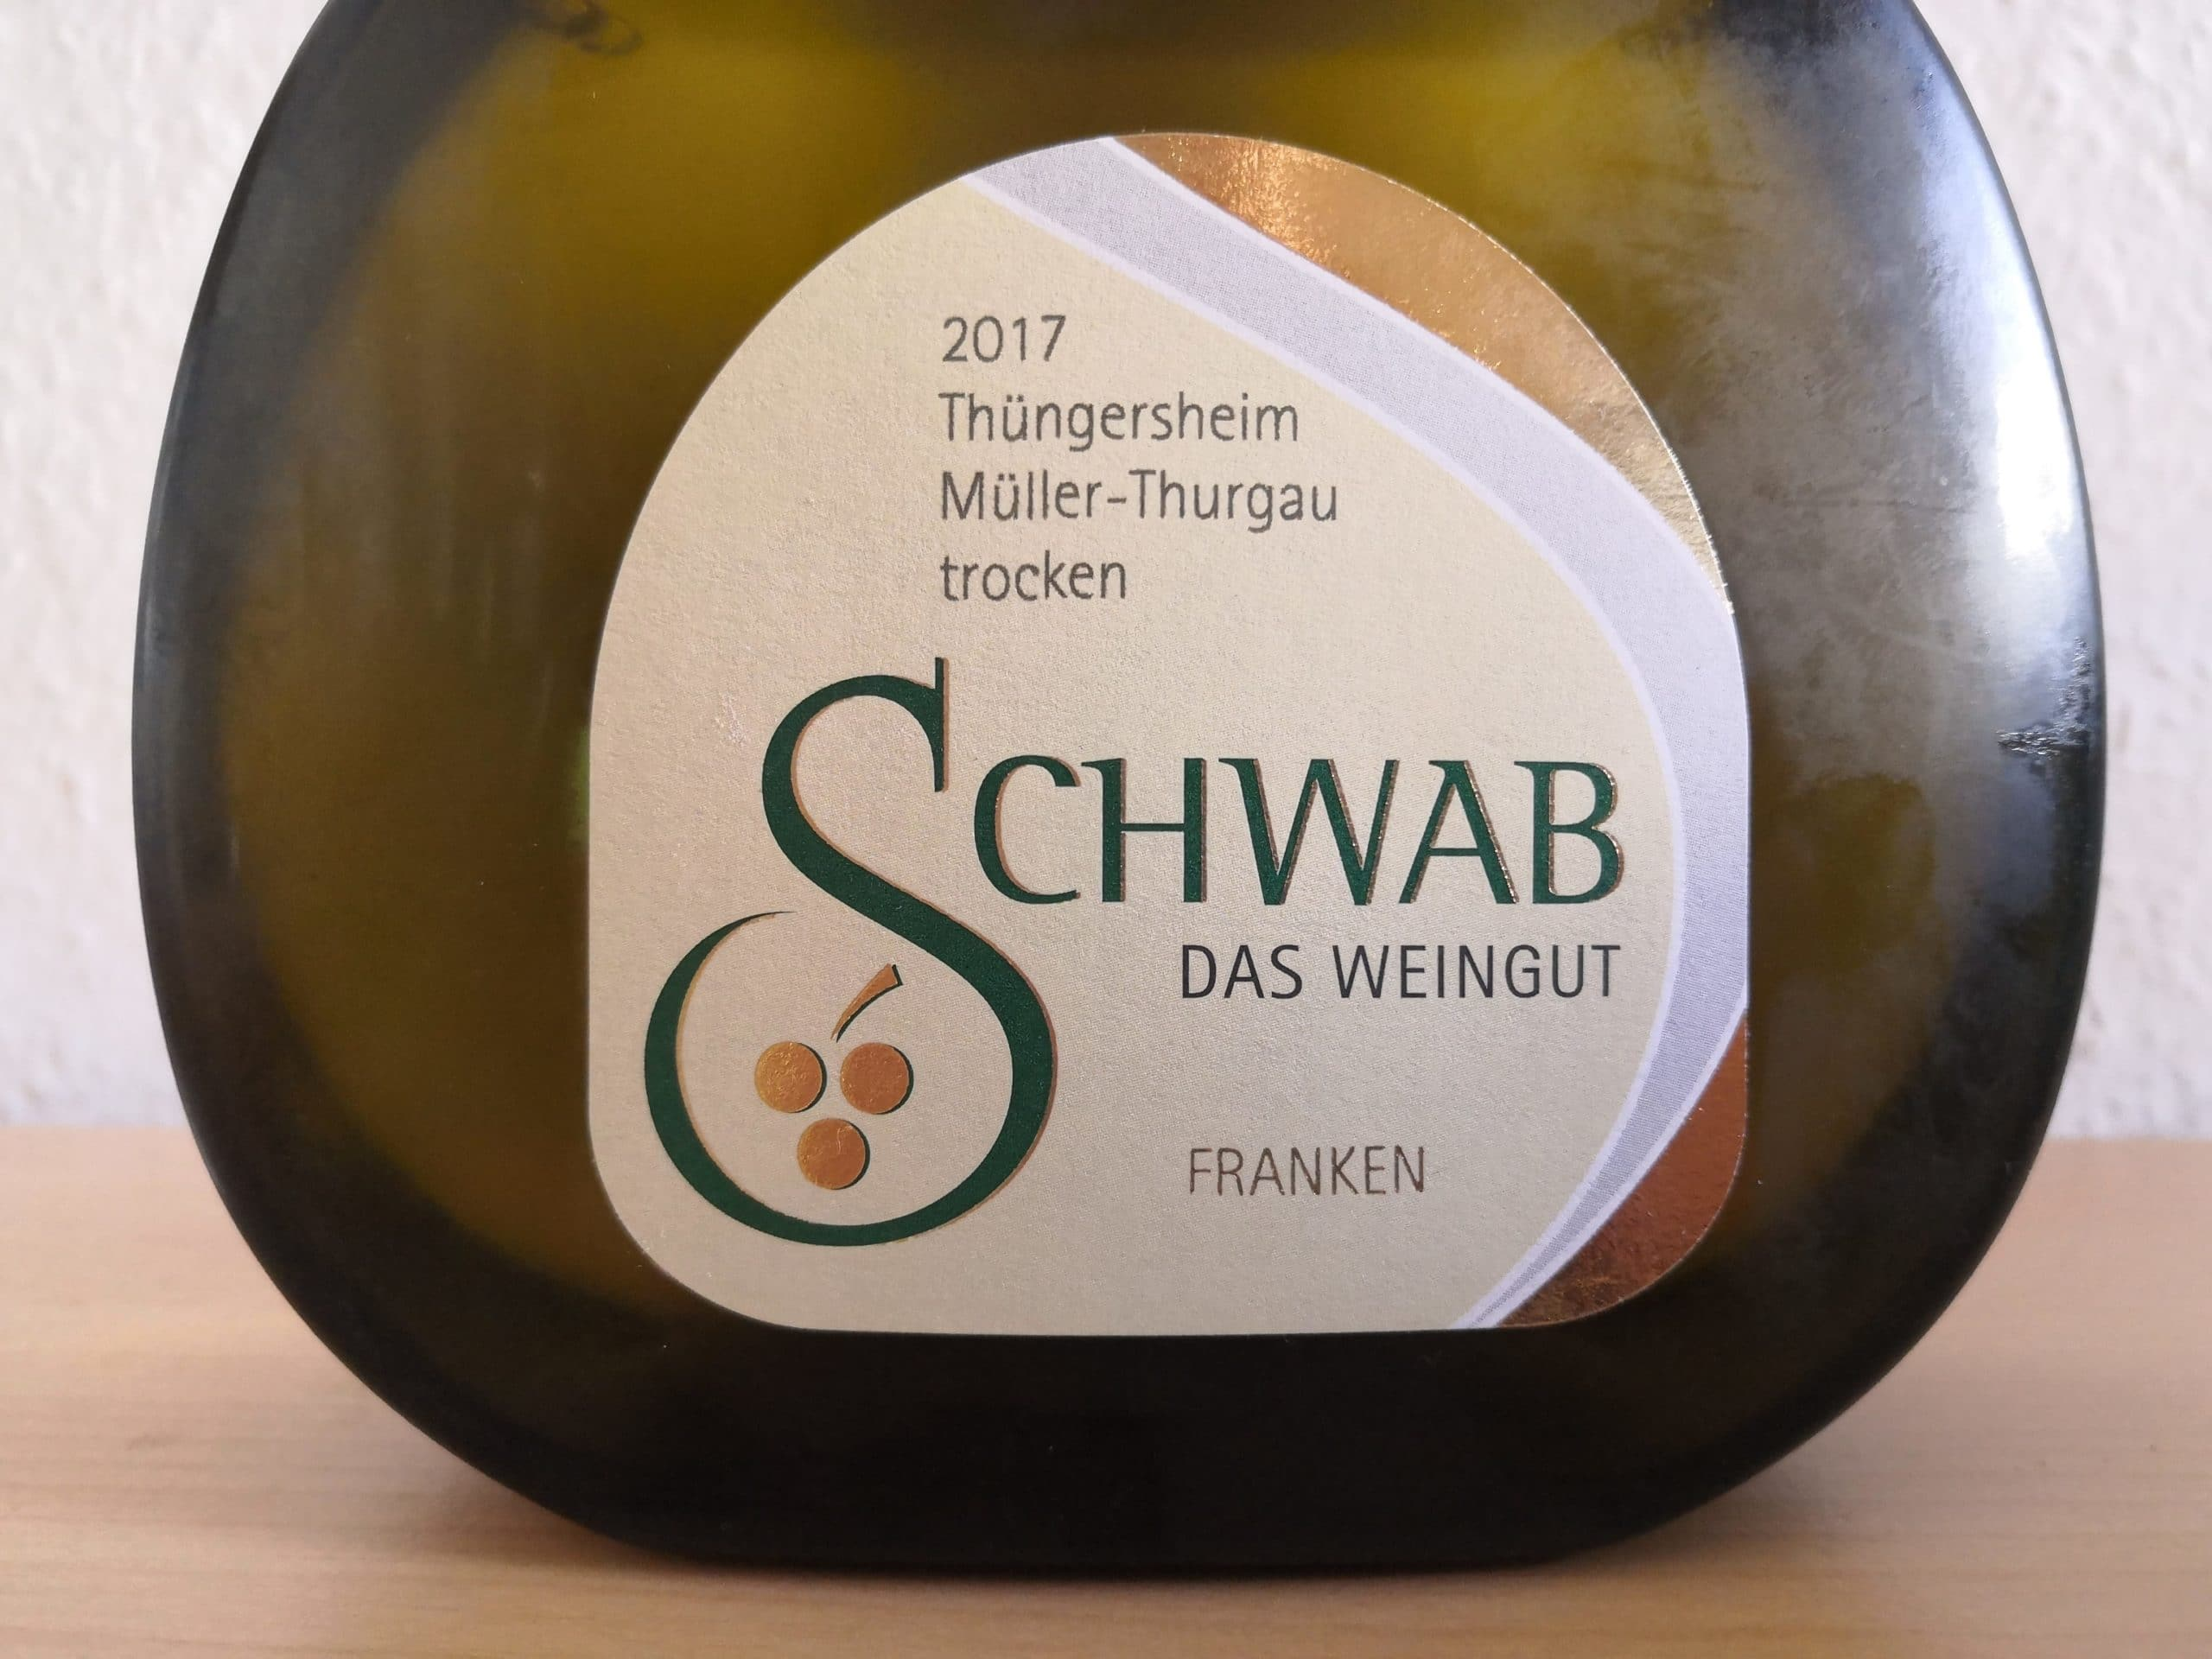 2017er Thüngersheim Müller-Thurgau trocken, Weingut Schwab in Thüngersheim